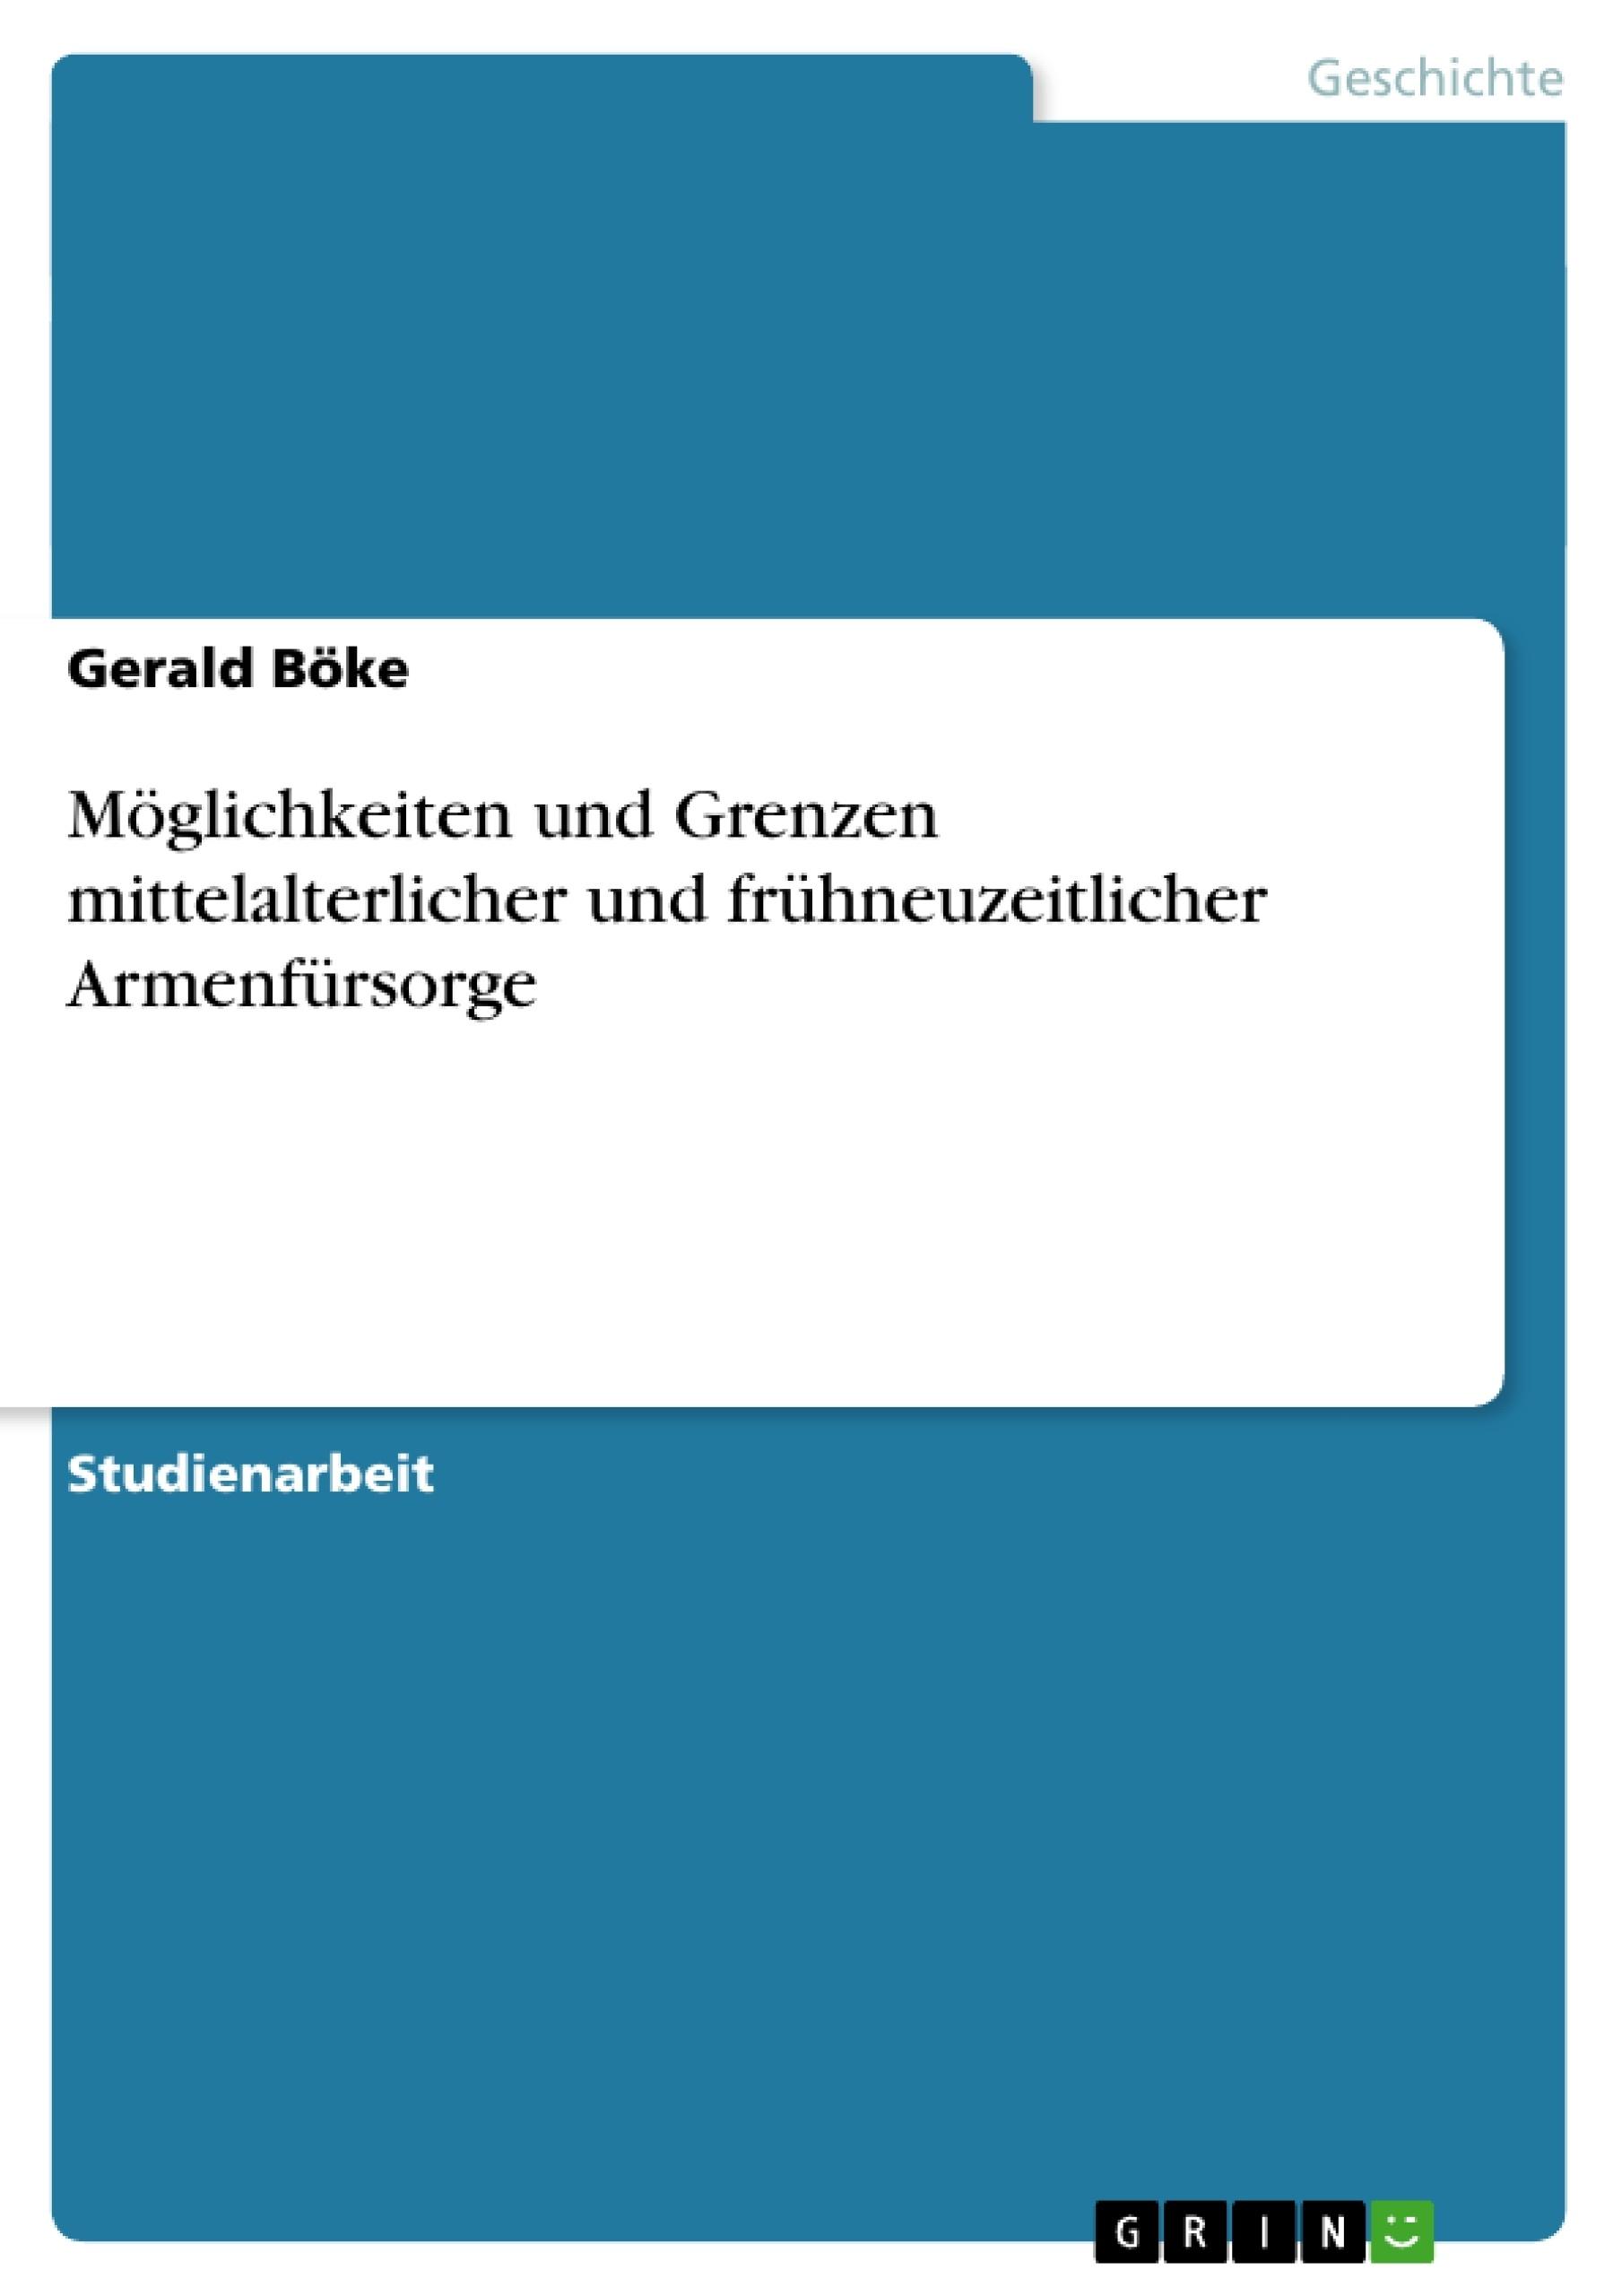 Titel: Möglichkeiten und Grenzen mittelalterlicher und frühneuzeitlicher Armenfürsorge